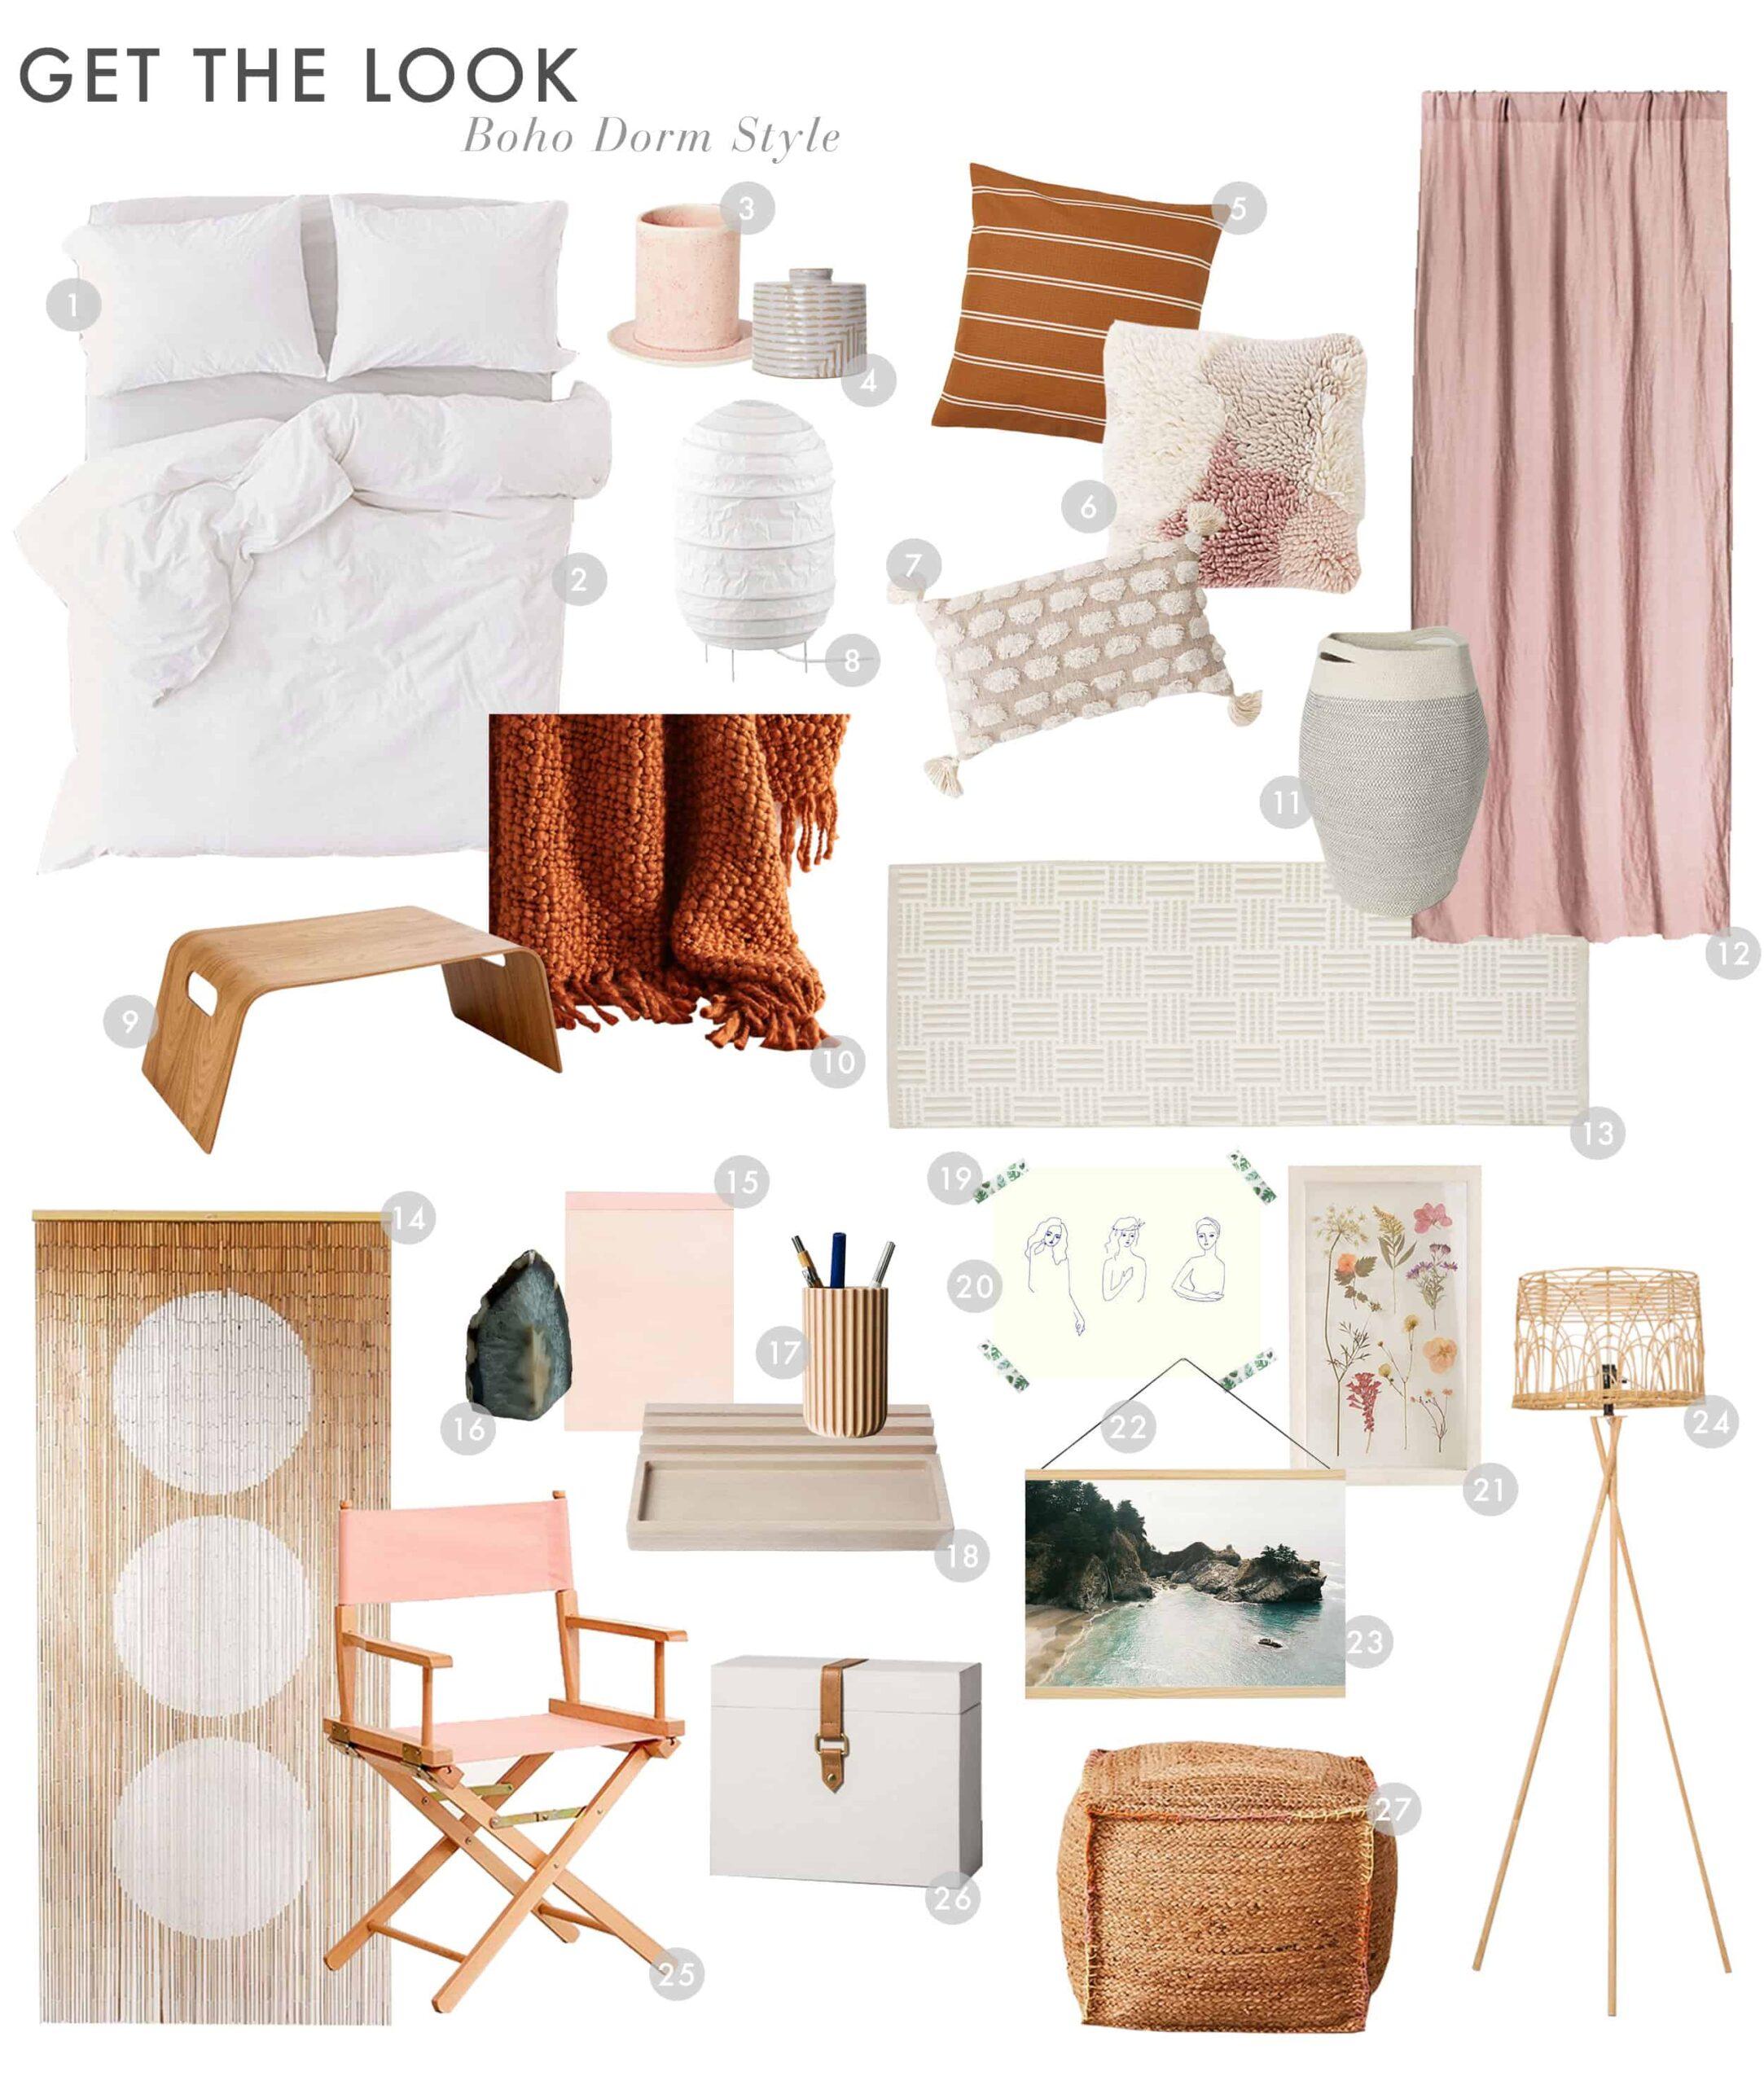 Dorm Room Boho1